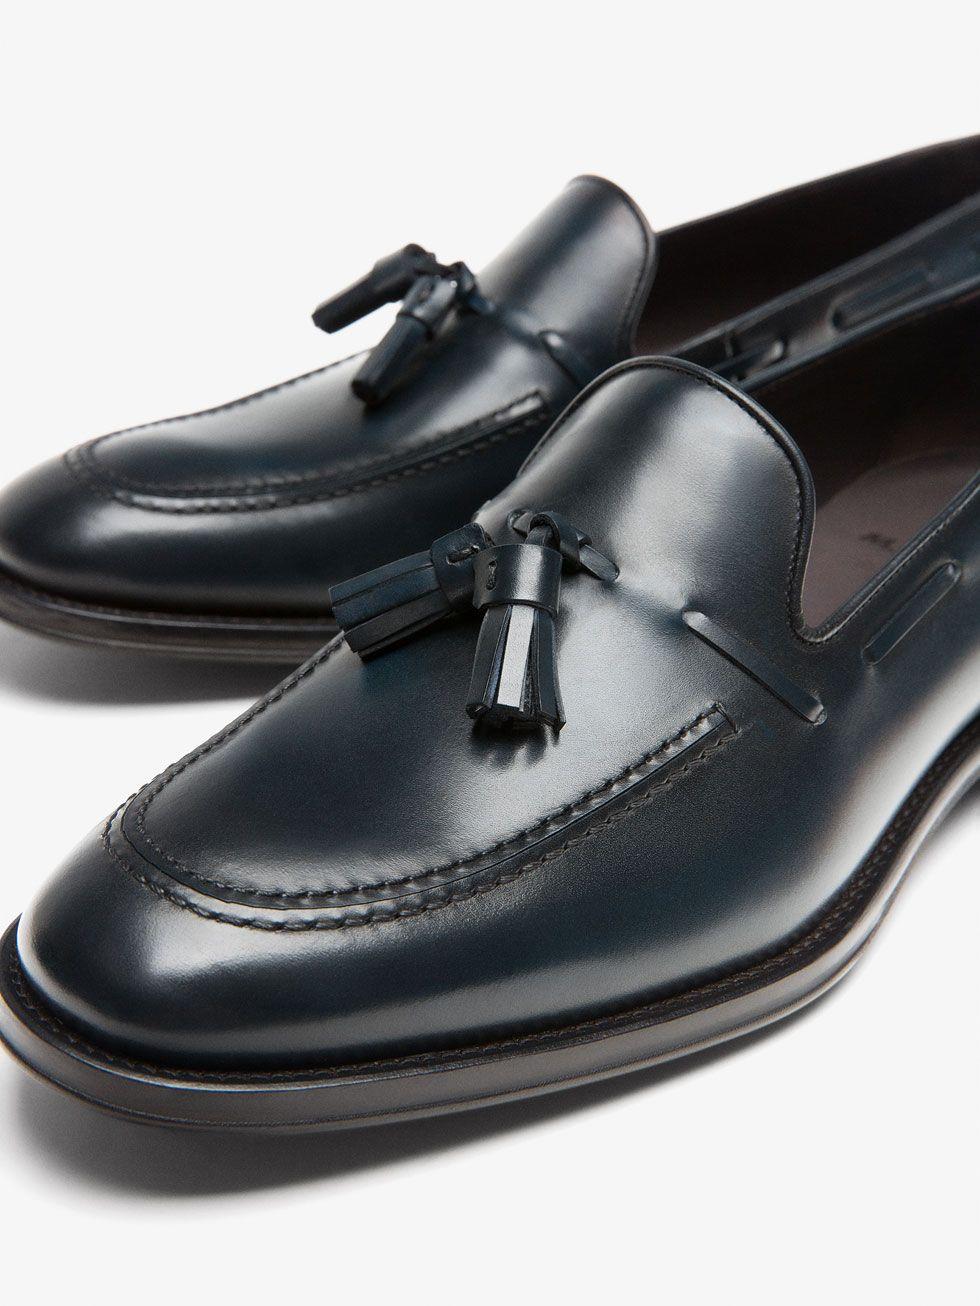 bc855a800ef ZAPATO MOCASÍN VESTIR PIEL AZUL de HOMBRE - Zapatos de Massimo Dutti de  Primavera Verano 2017 por 89.95. ¡Elegancia natural!